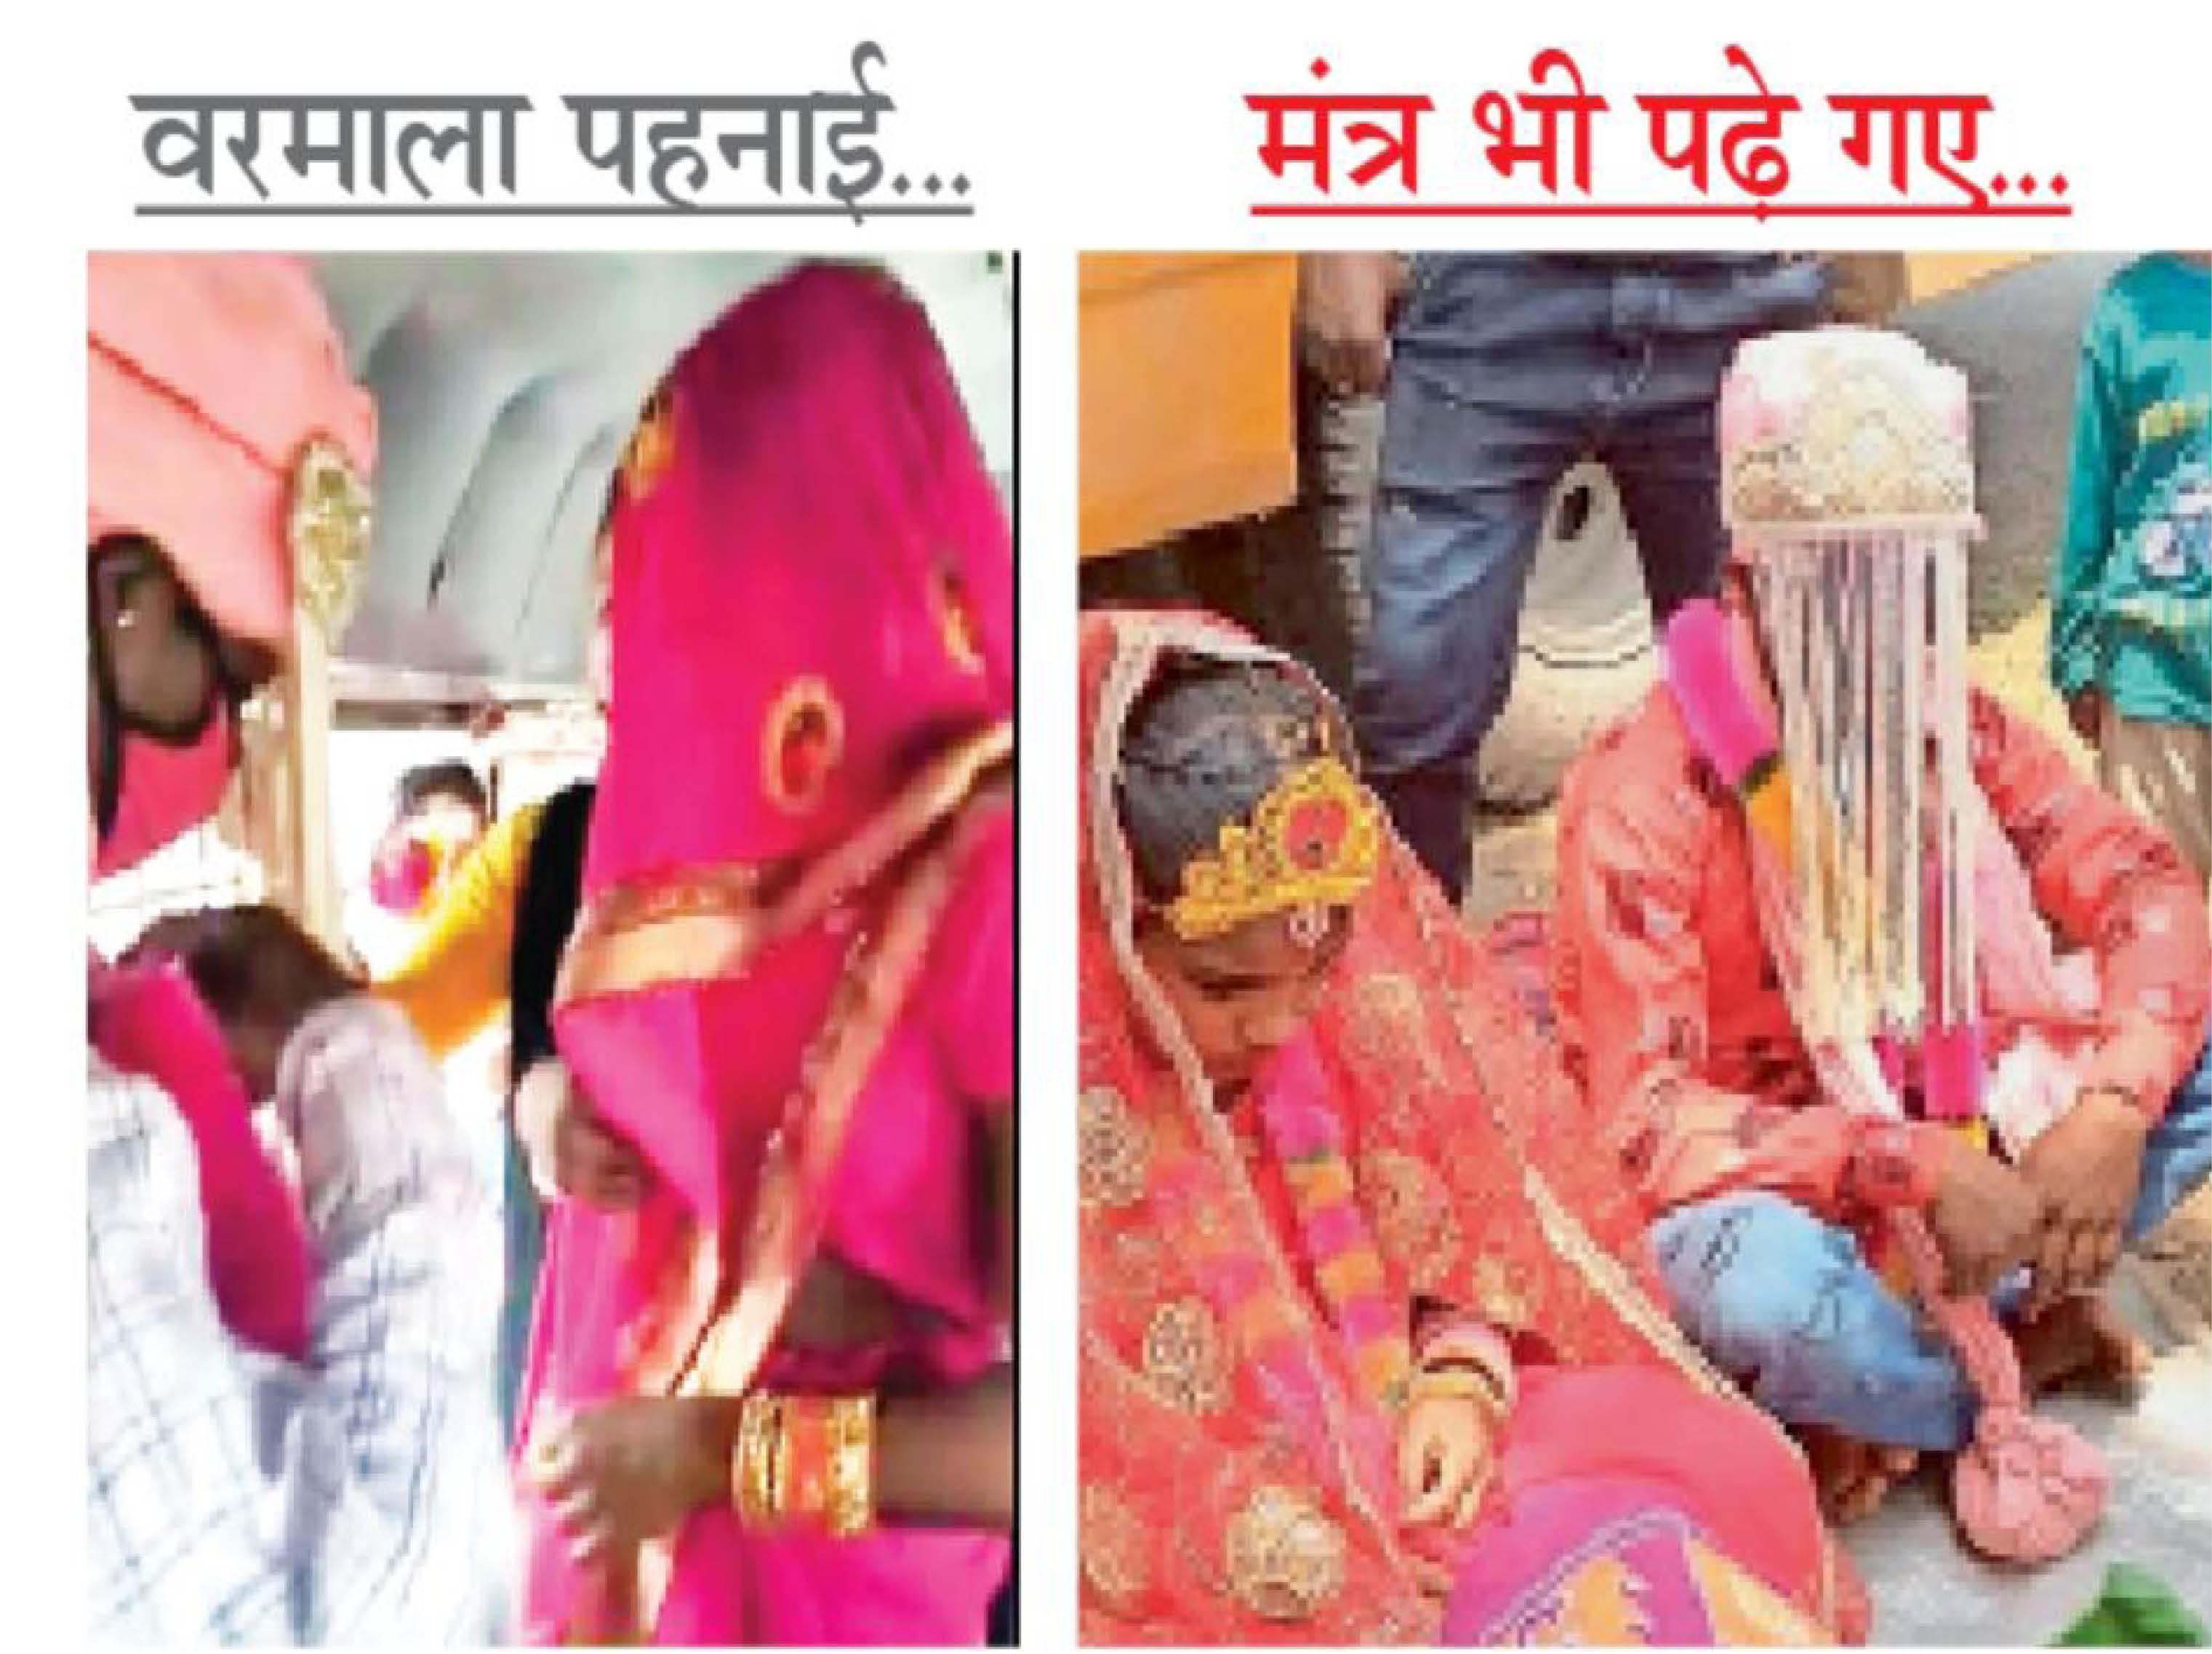 पंजाब से गई बारात को हरियाणा में नहीं मिली इजाजत, दूल्हे ने बस में ही वरमाला पहनाई, खाना-पीना भी बस में|पंजाब,Punjab - Dainik Bhaskar